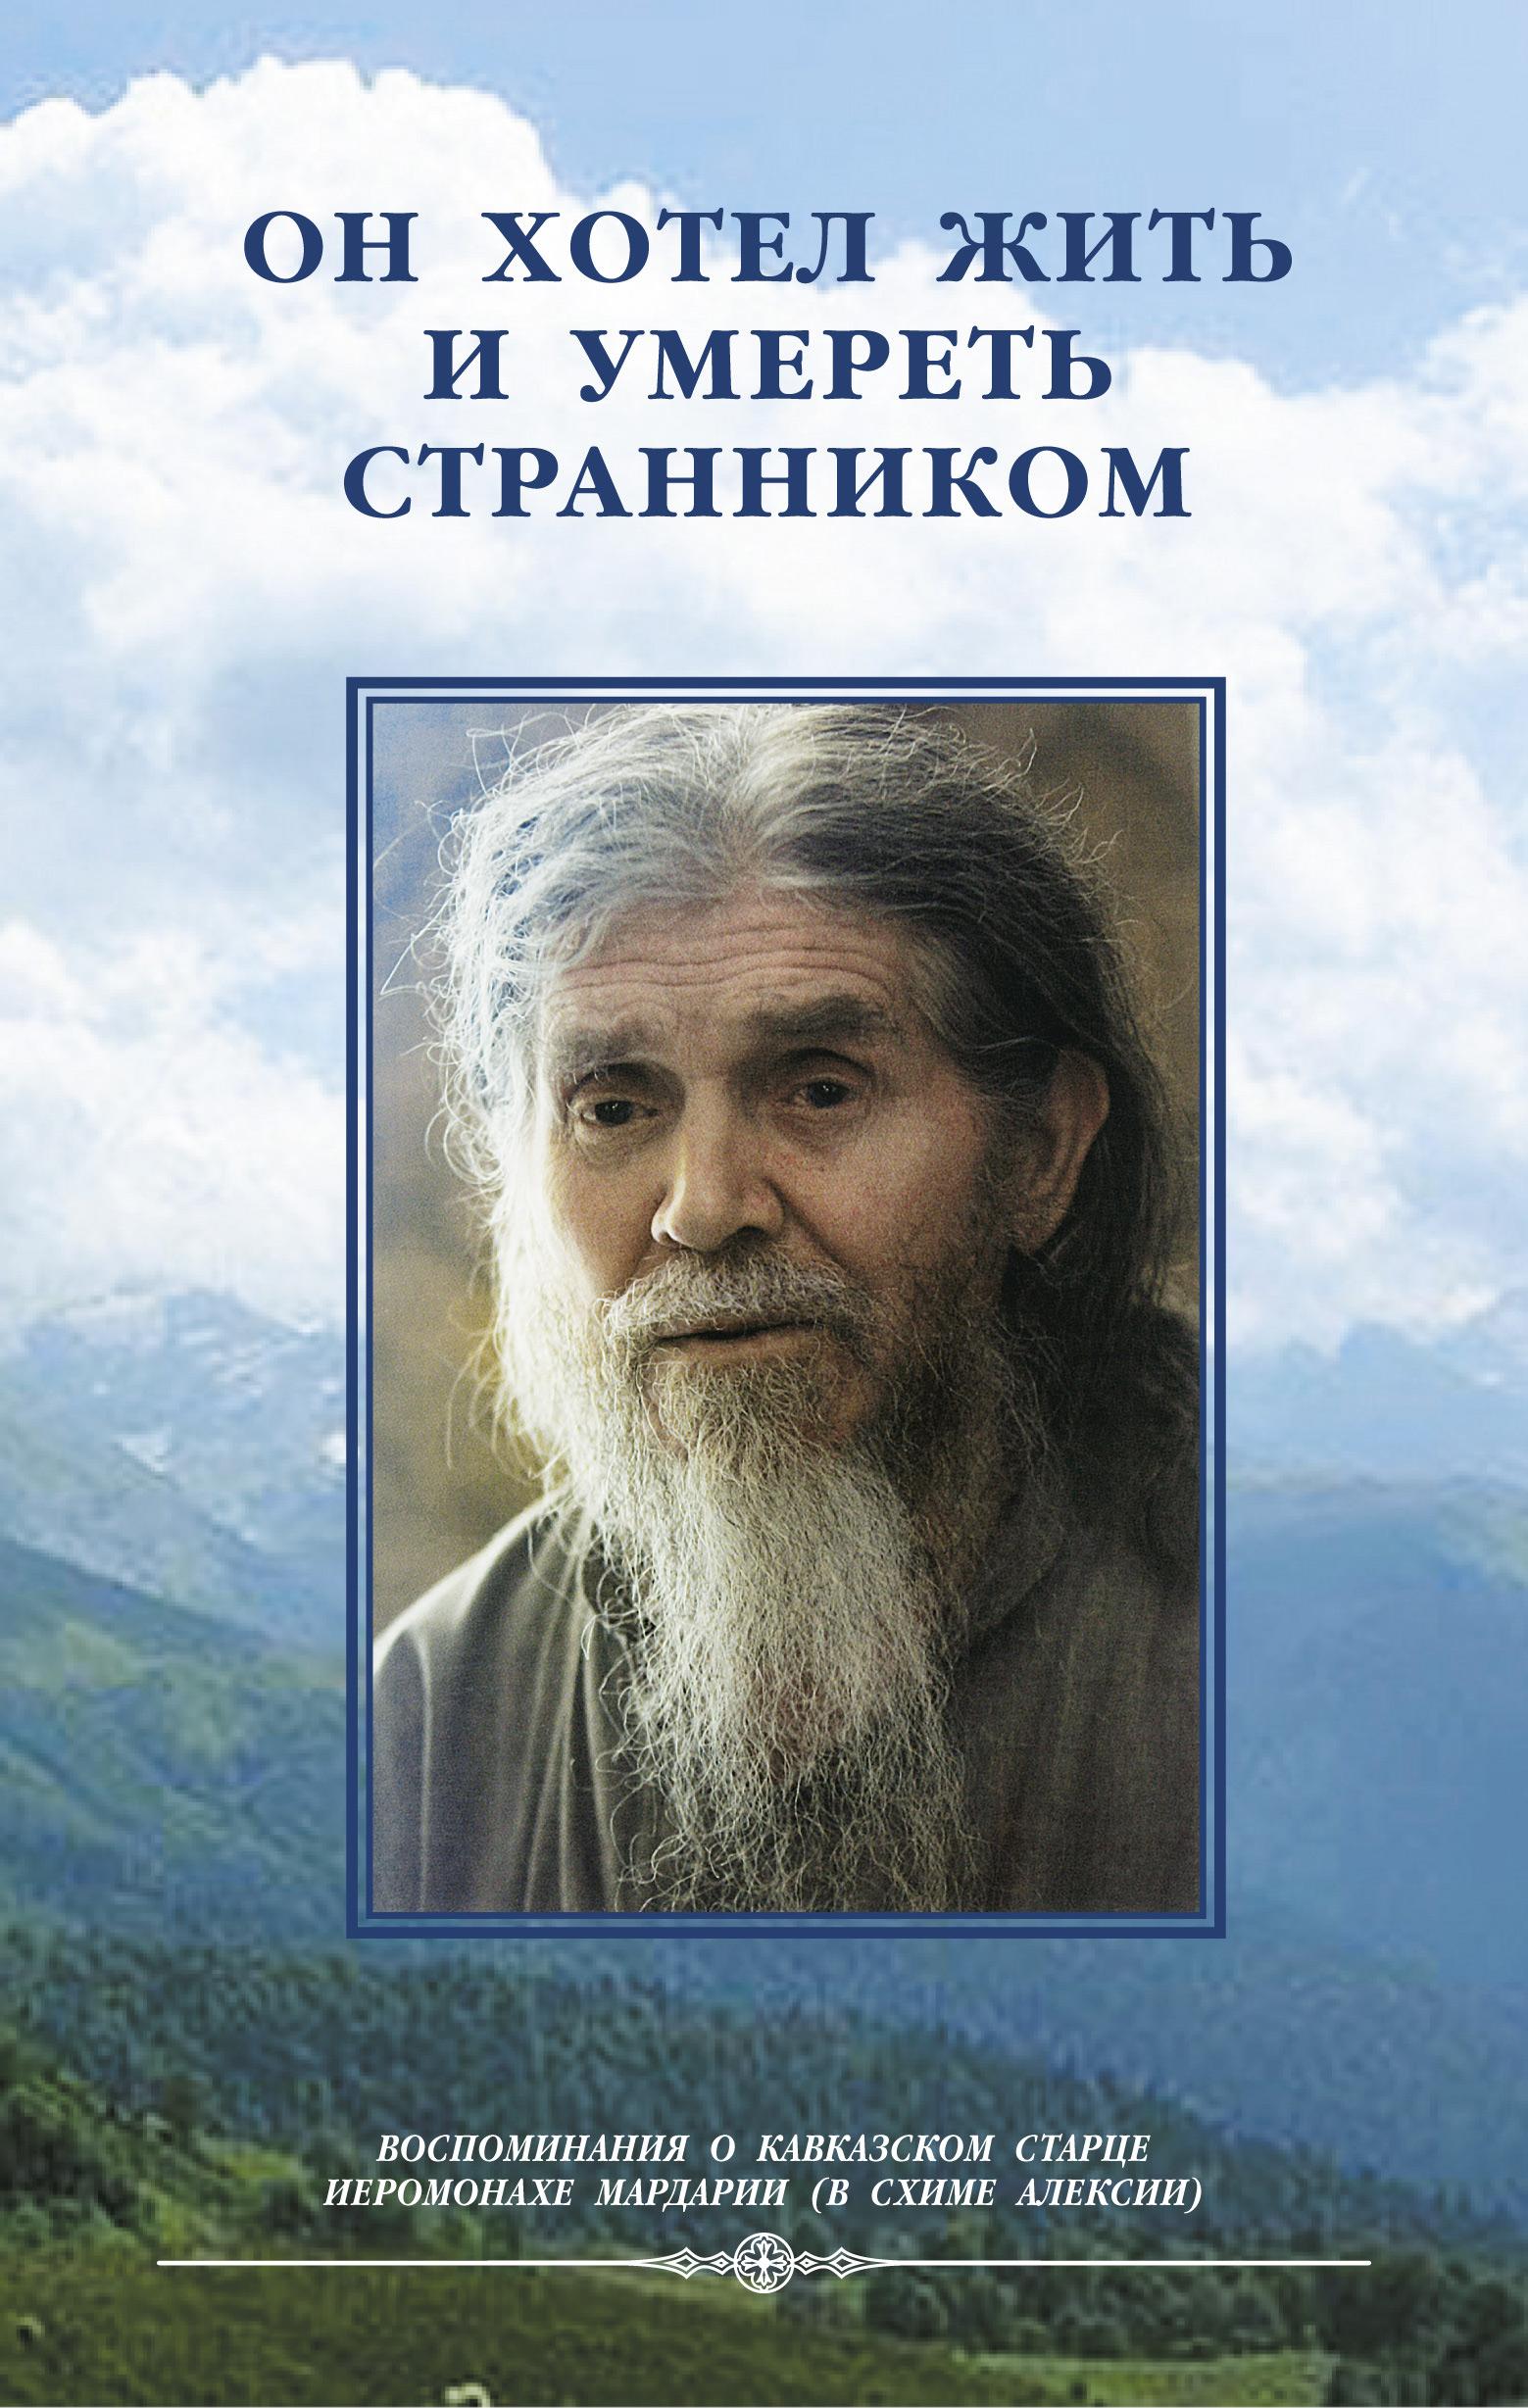 Он хотел жить и умереть странником. Воспомининия об иеросхимонахе Алексии